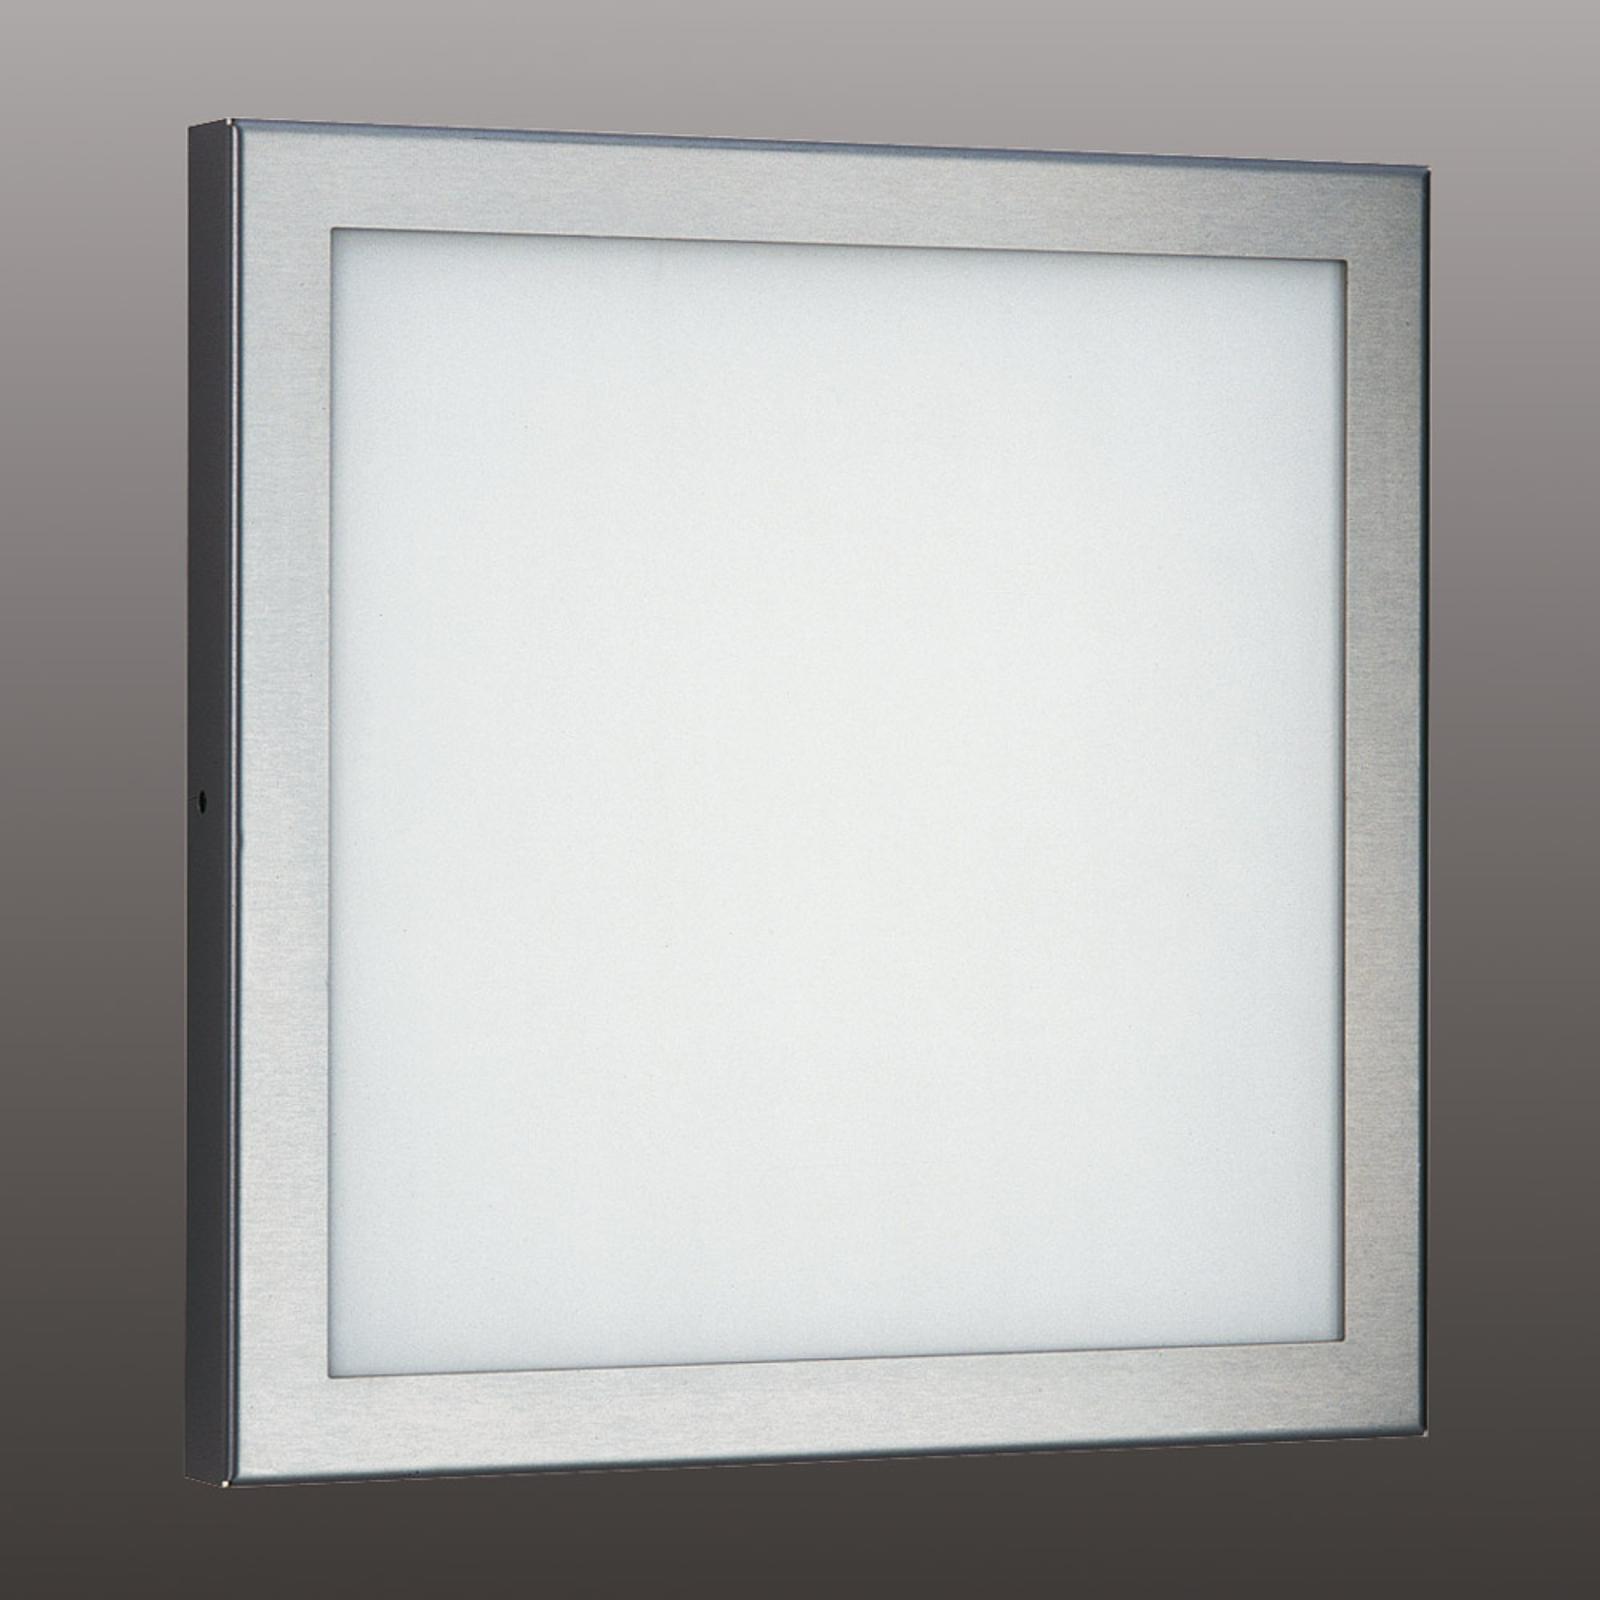 Helle LED buitenwandlamp Mette van roestvrij staal